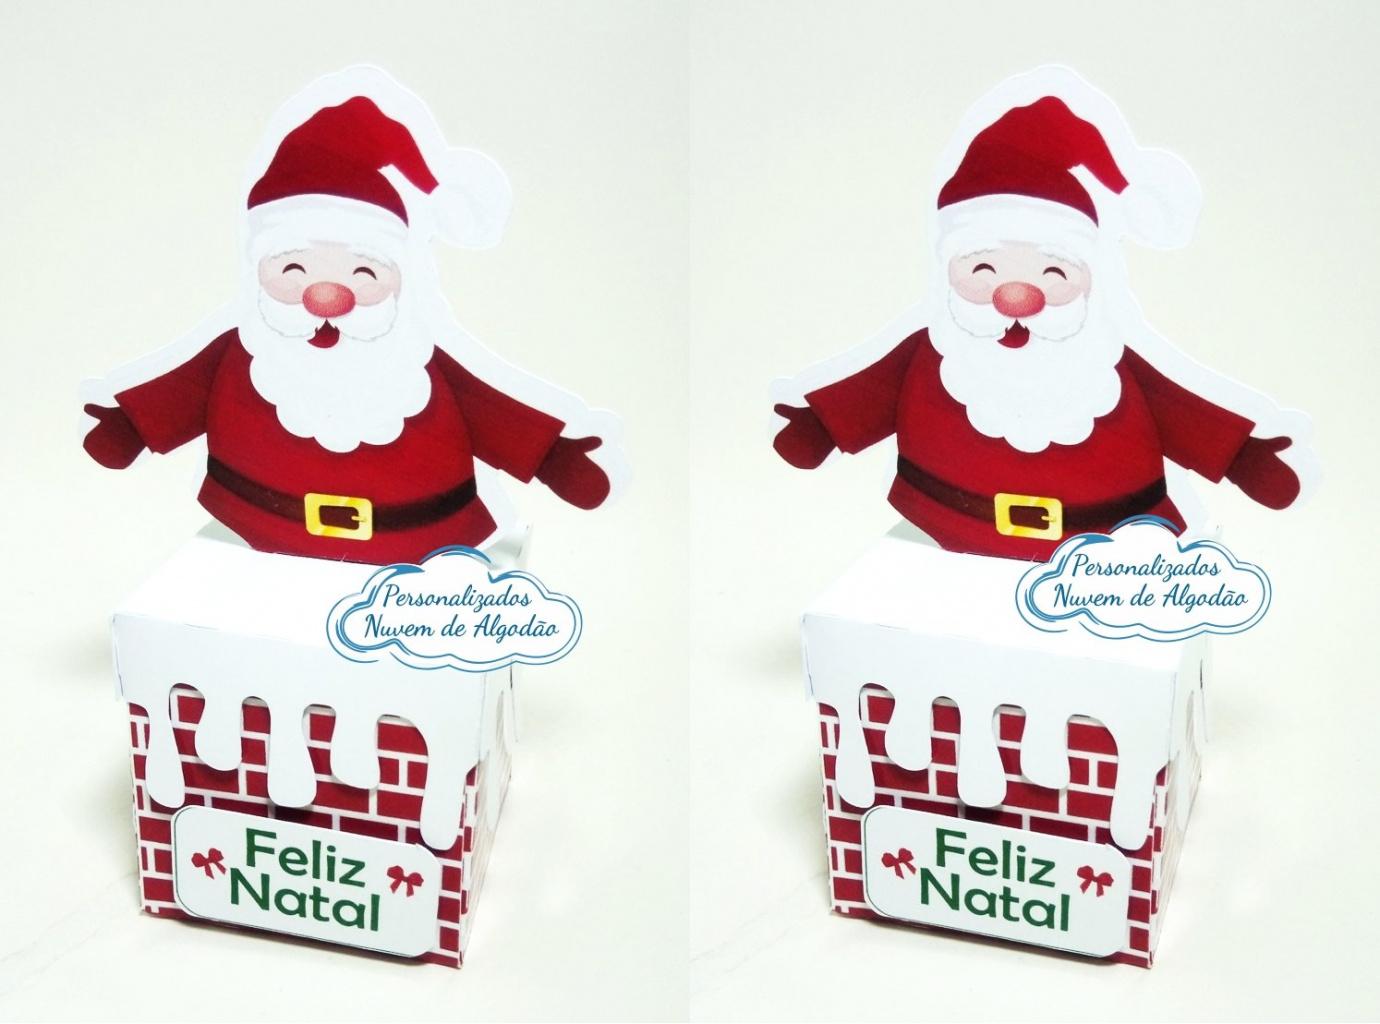 Nuvem de algodão personalizados - Caixa chaminé Natal